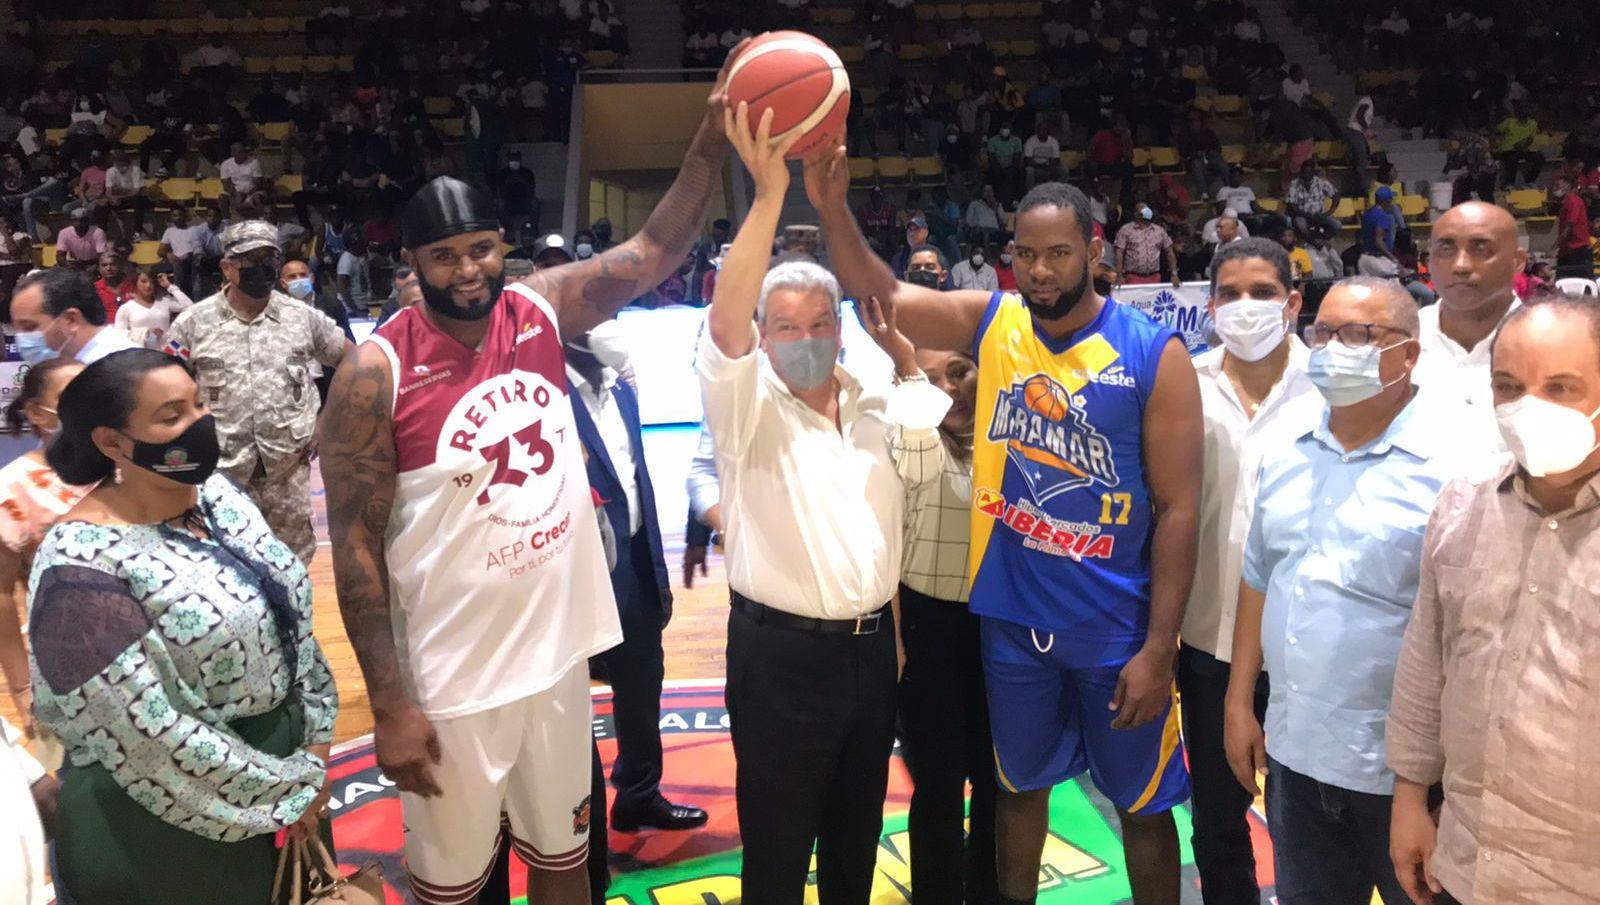 Clubes Centro y Consuelo se imponen en jornada basket superior de SPM